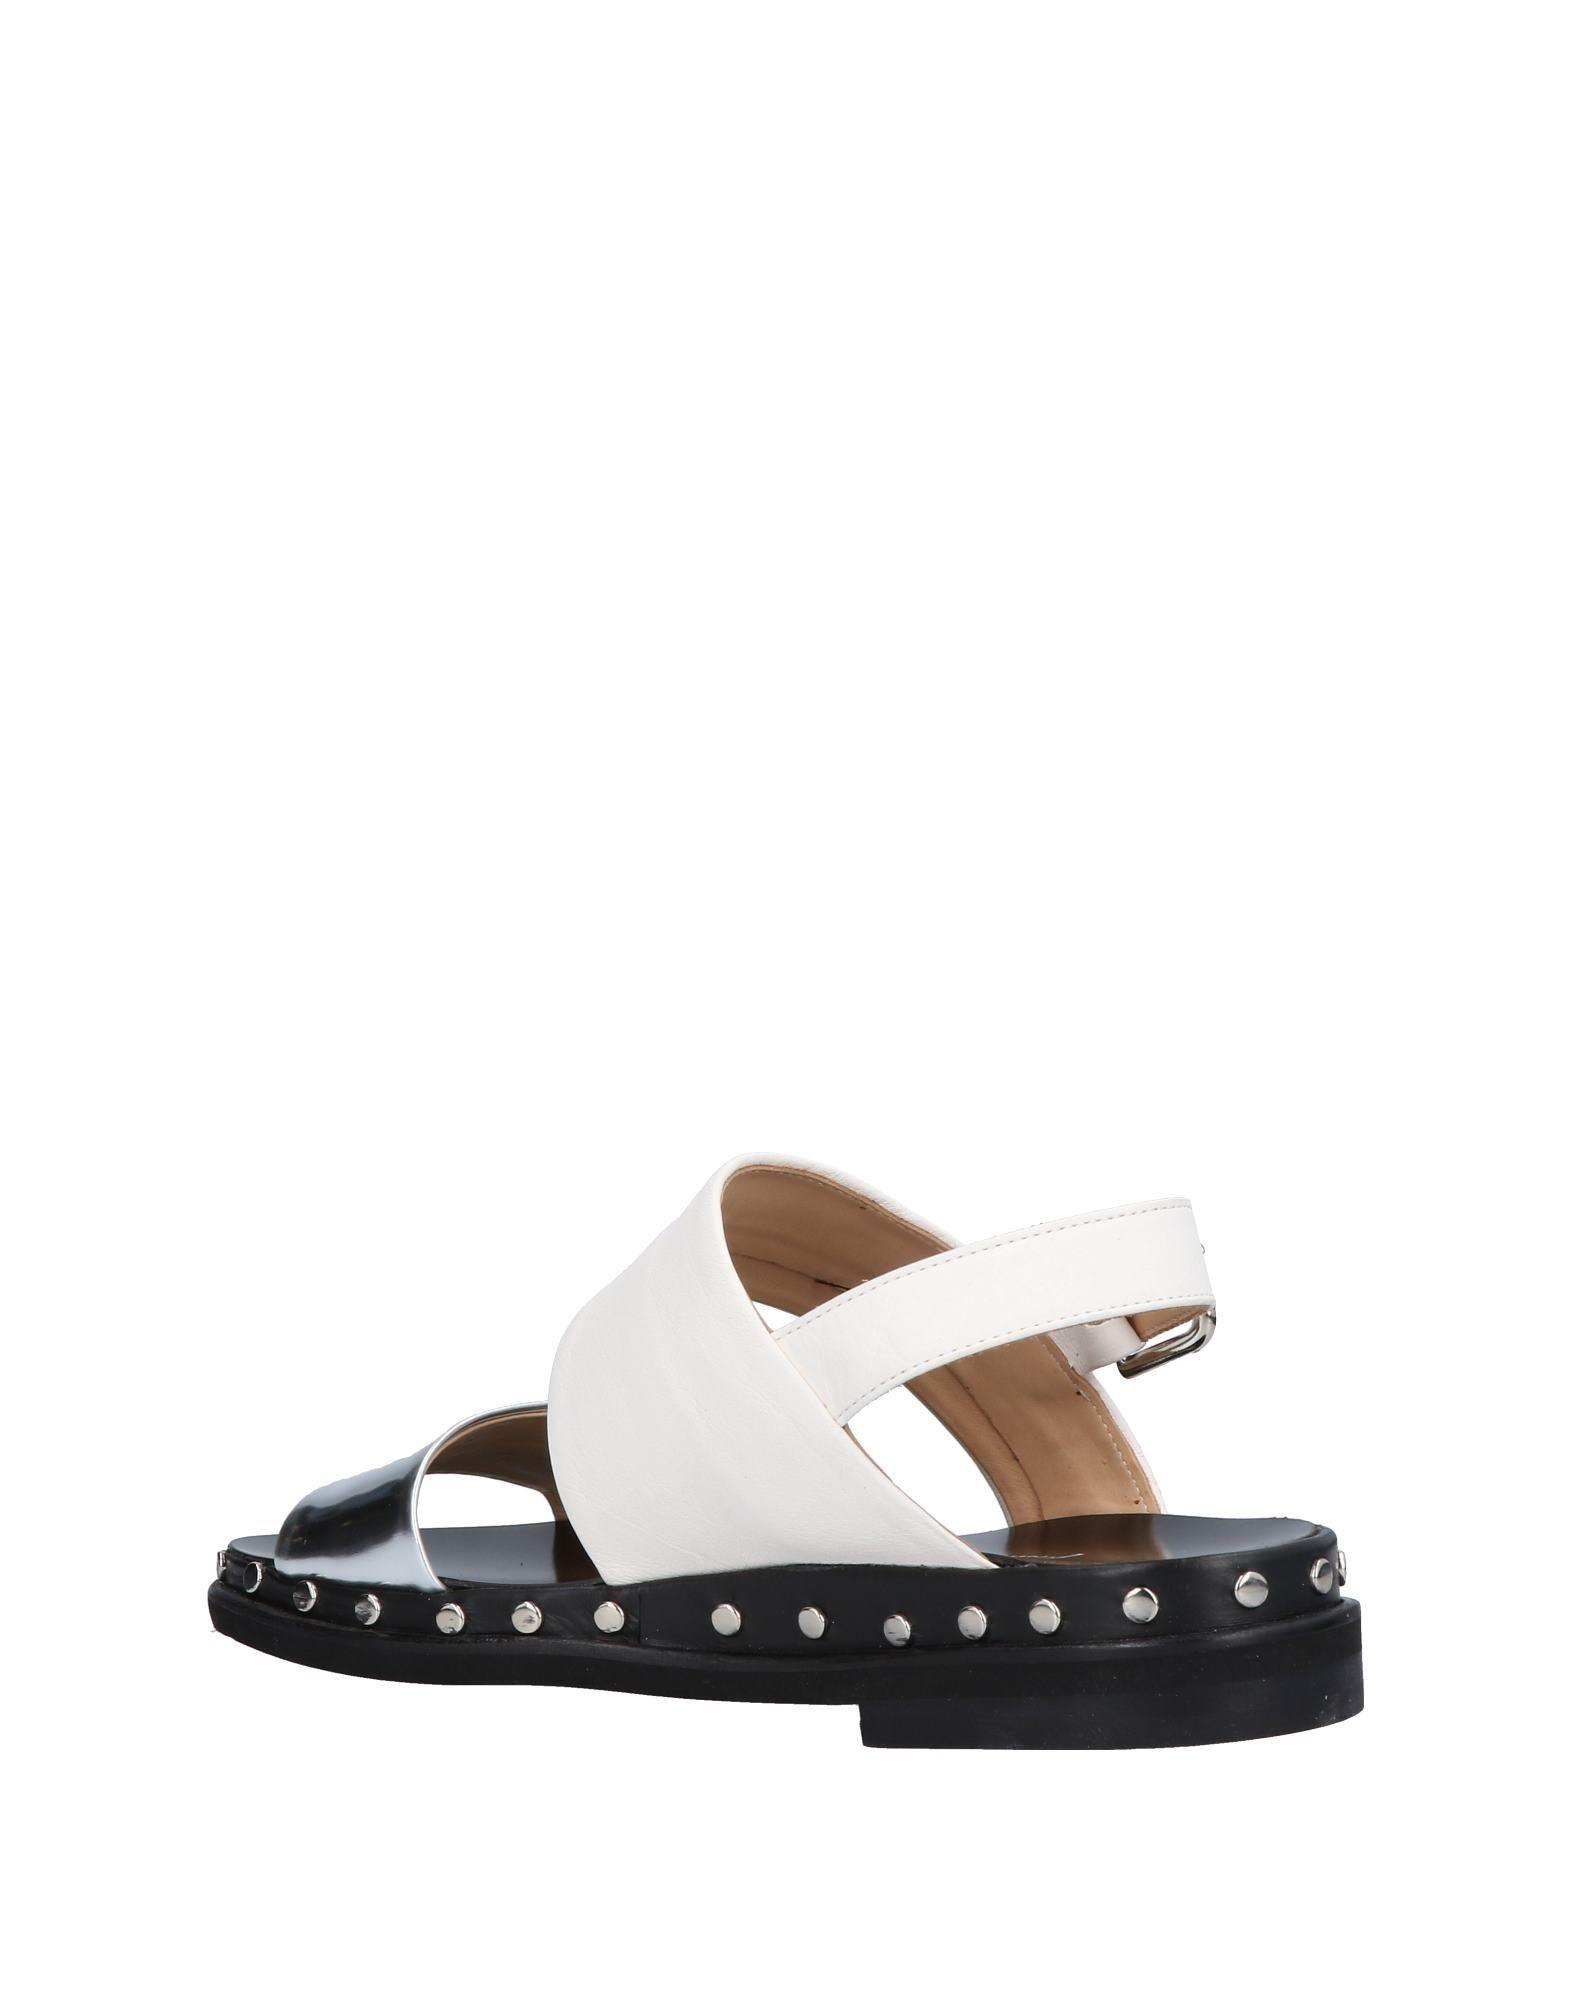 Gut Gut Gut um billige Schuhe zu tragenGrandinetti Sandalen Damen  11460581LM ef4c65